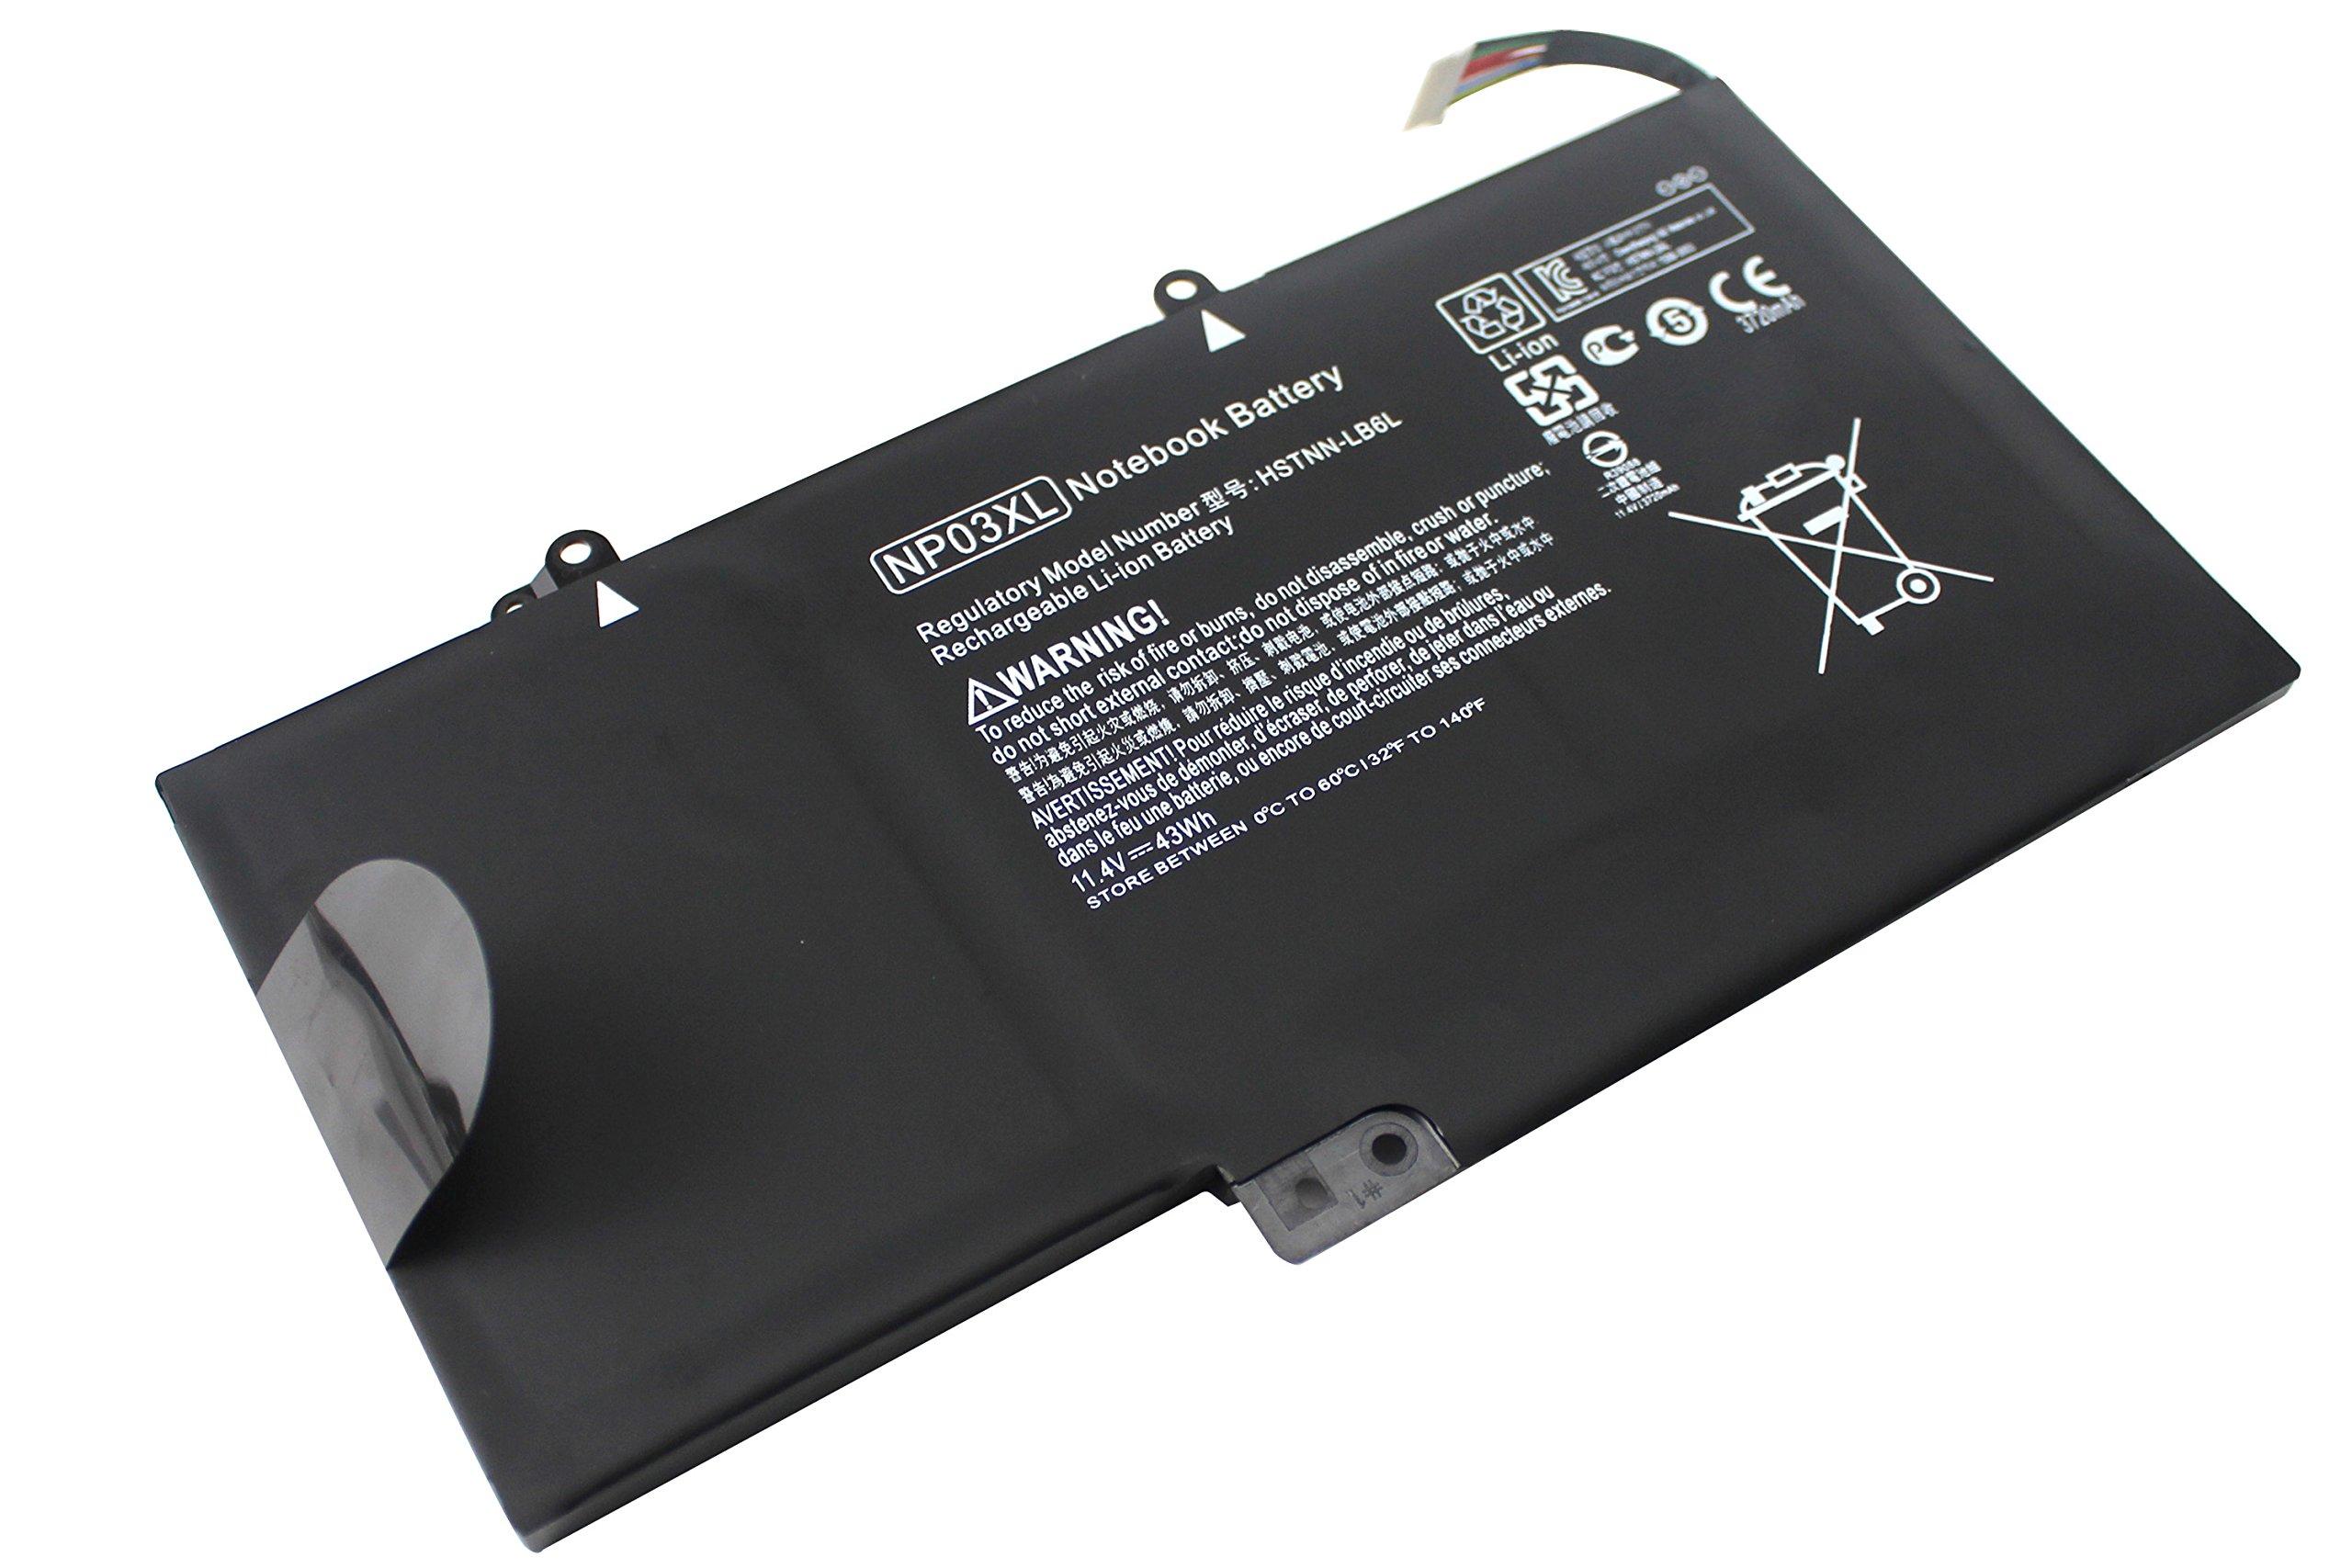 Bateria Np03xl Para Hp Envy X360 15-u010dx 15-u110dx 15-u111dx 15-u050ca Pavilion X360 13-a010dx 13-a110dx 761230-005 76